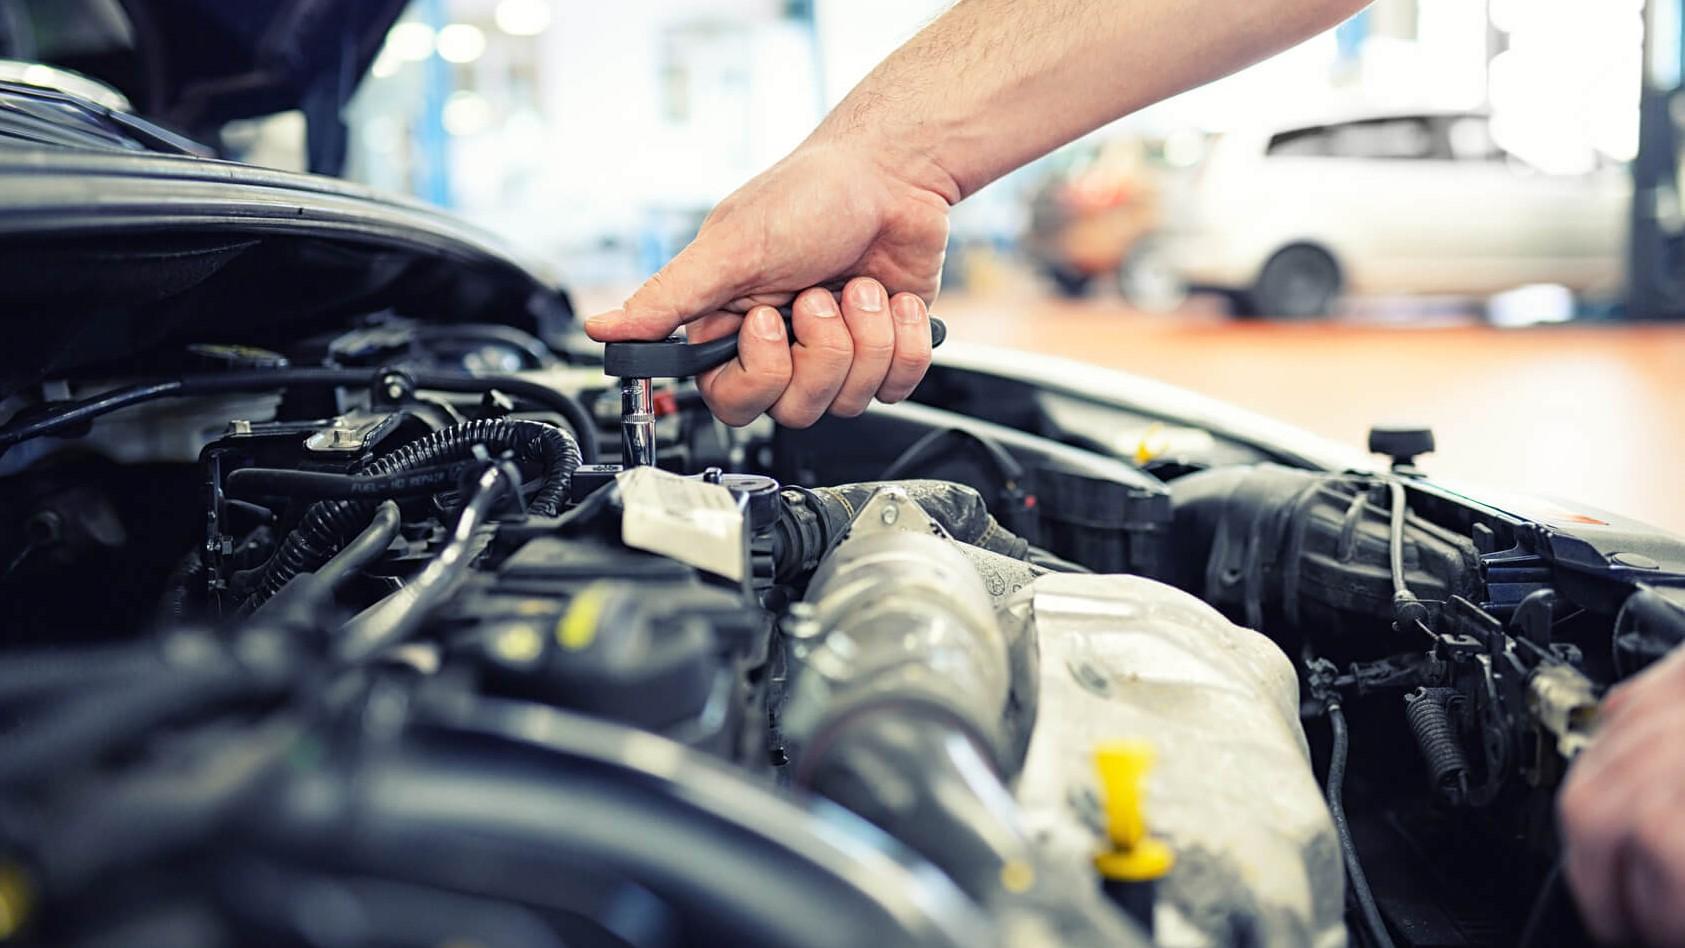 Réparations et entretien d'un moteur de voiture